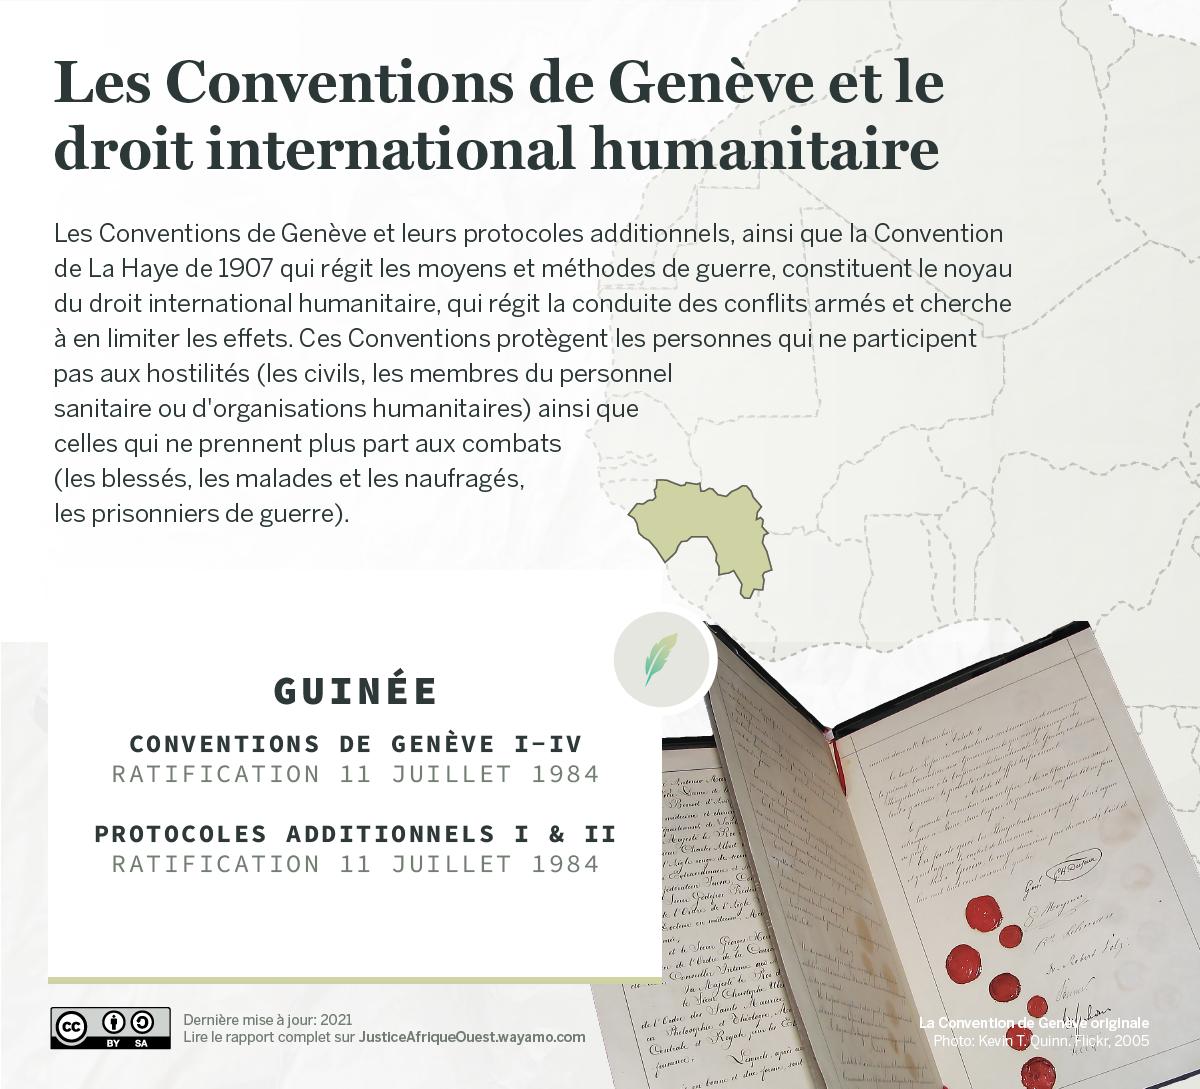 GUINEE_Conventions de Genève - Wayamo Foundation (CC BY-SA 4.0)